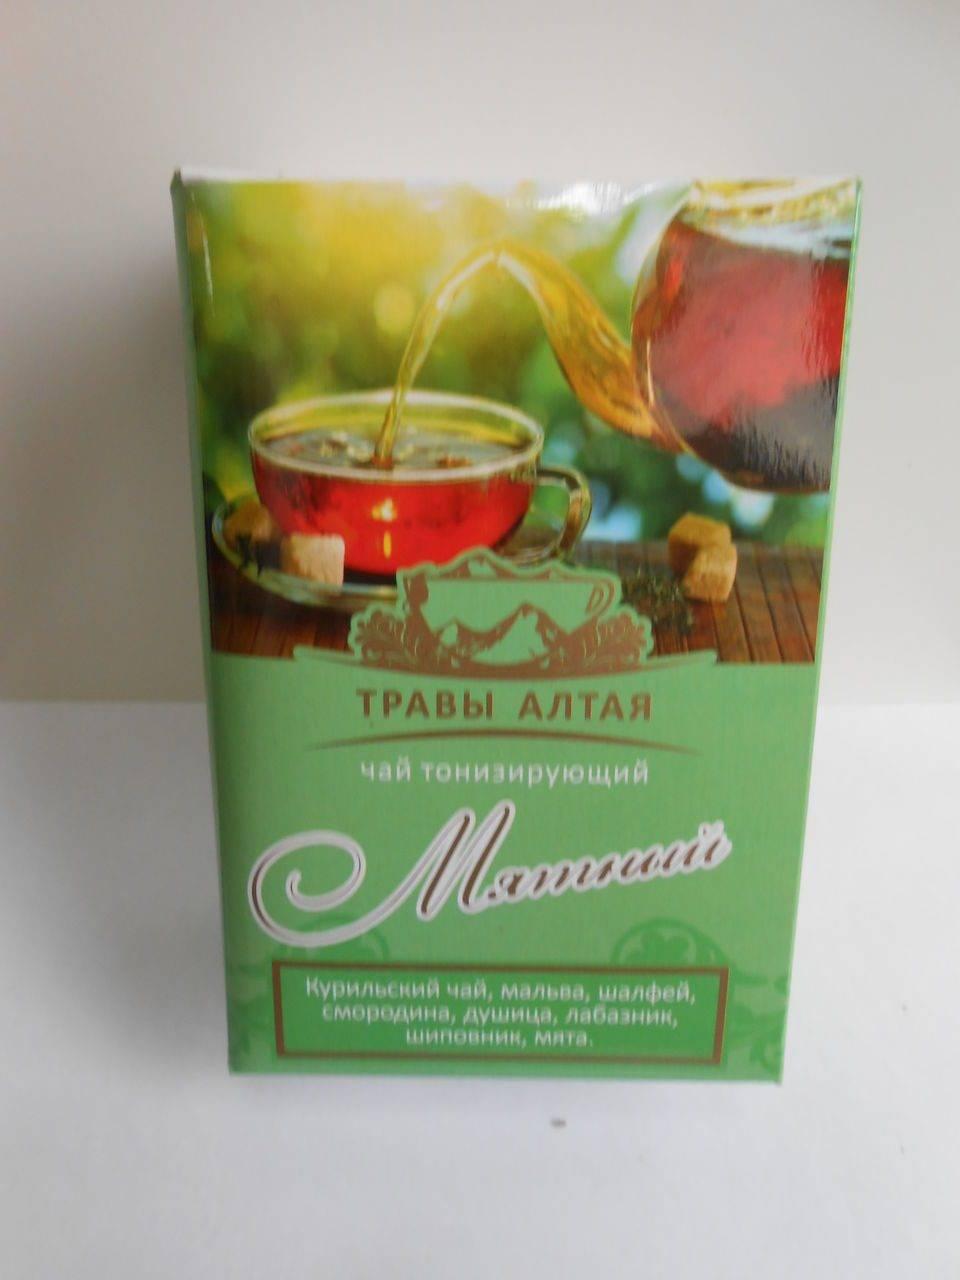 Тонизирующий чай, виды, как заваривать, противопоказания